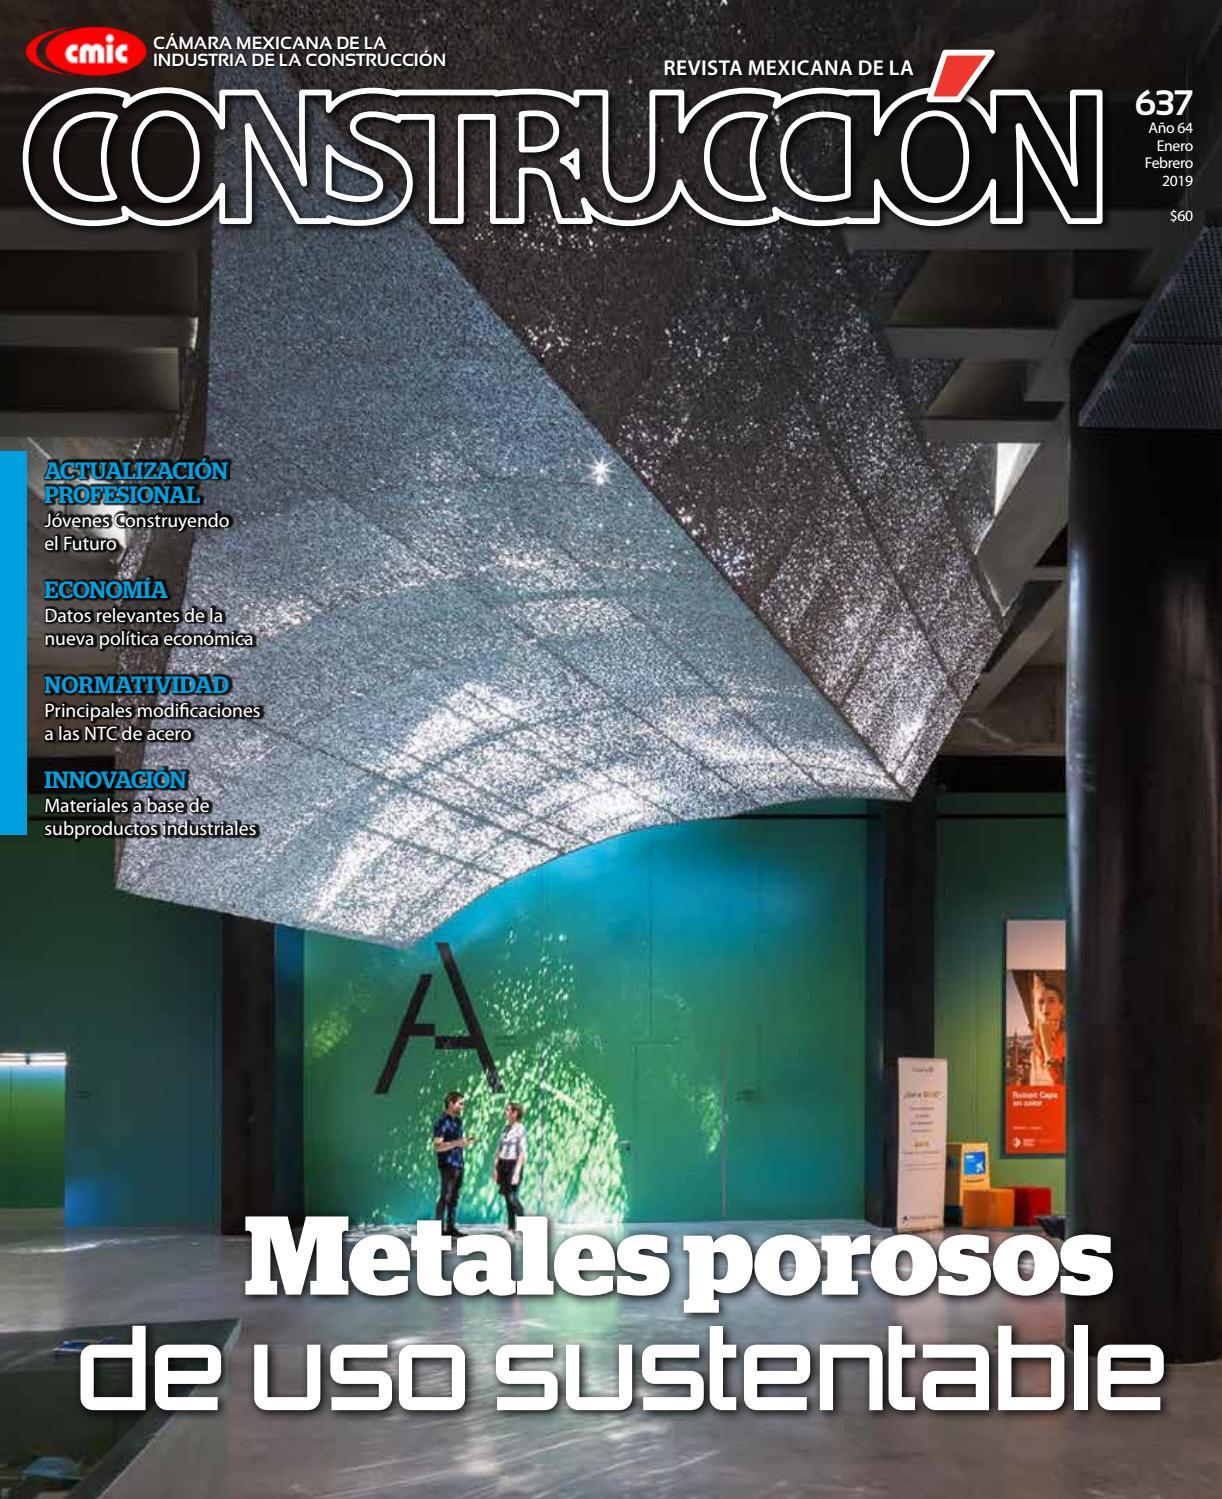 ef1c374d61db Revista Mexicana de la Construcción RMC 637 Enero-Febrero 2019 by ...